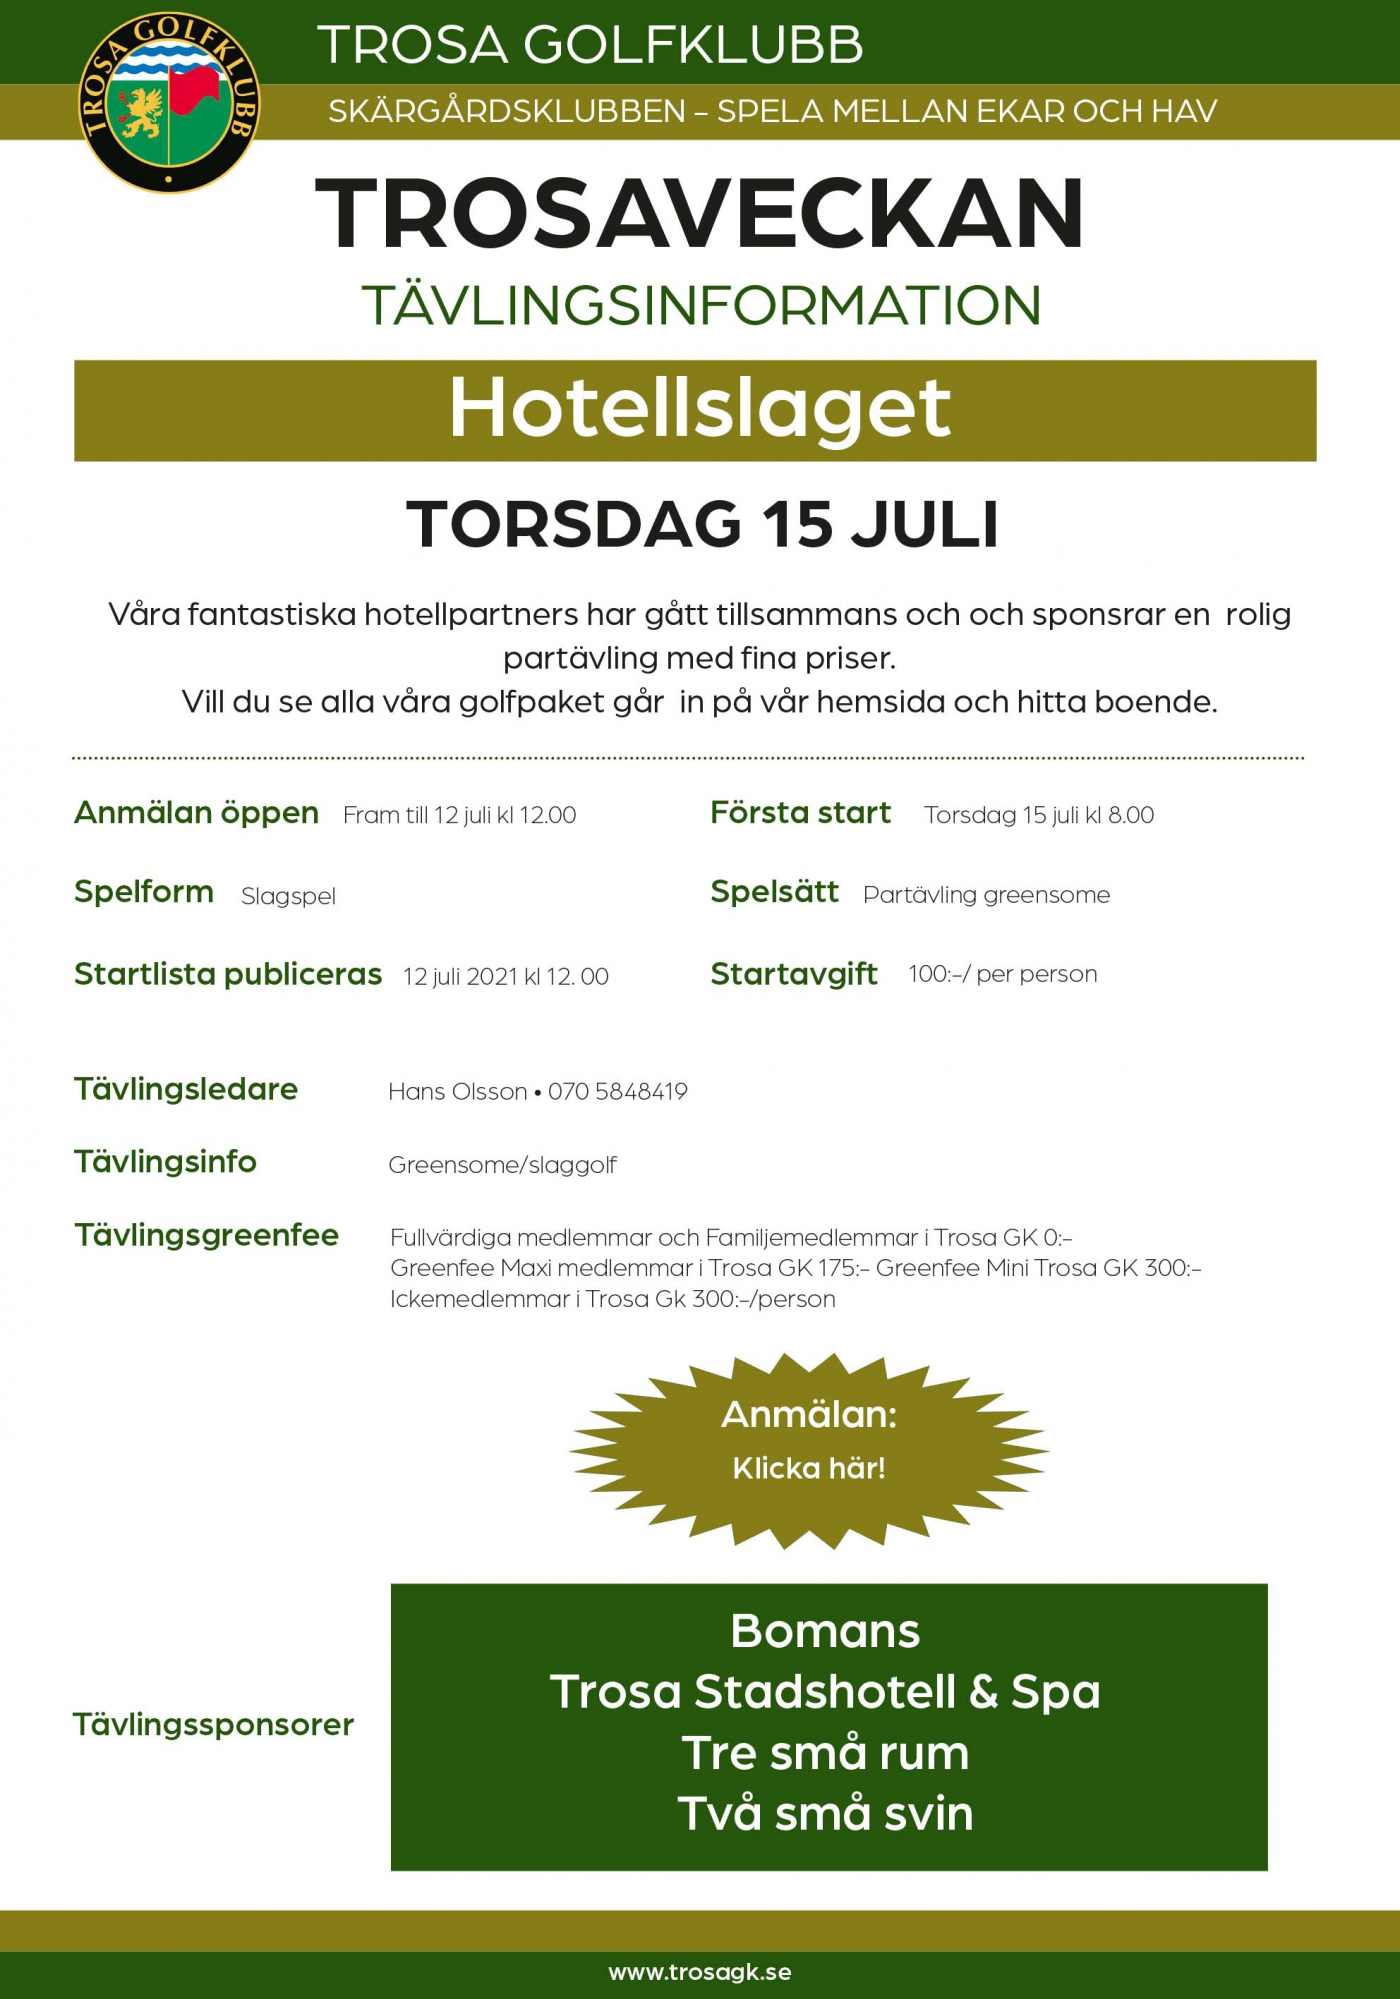 Trosaveckan-tävlingsinfo_Hotellslaget